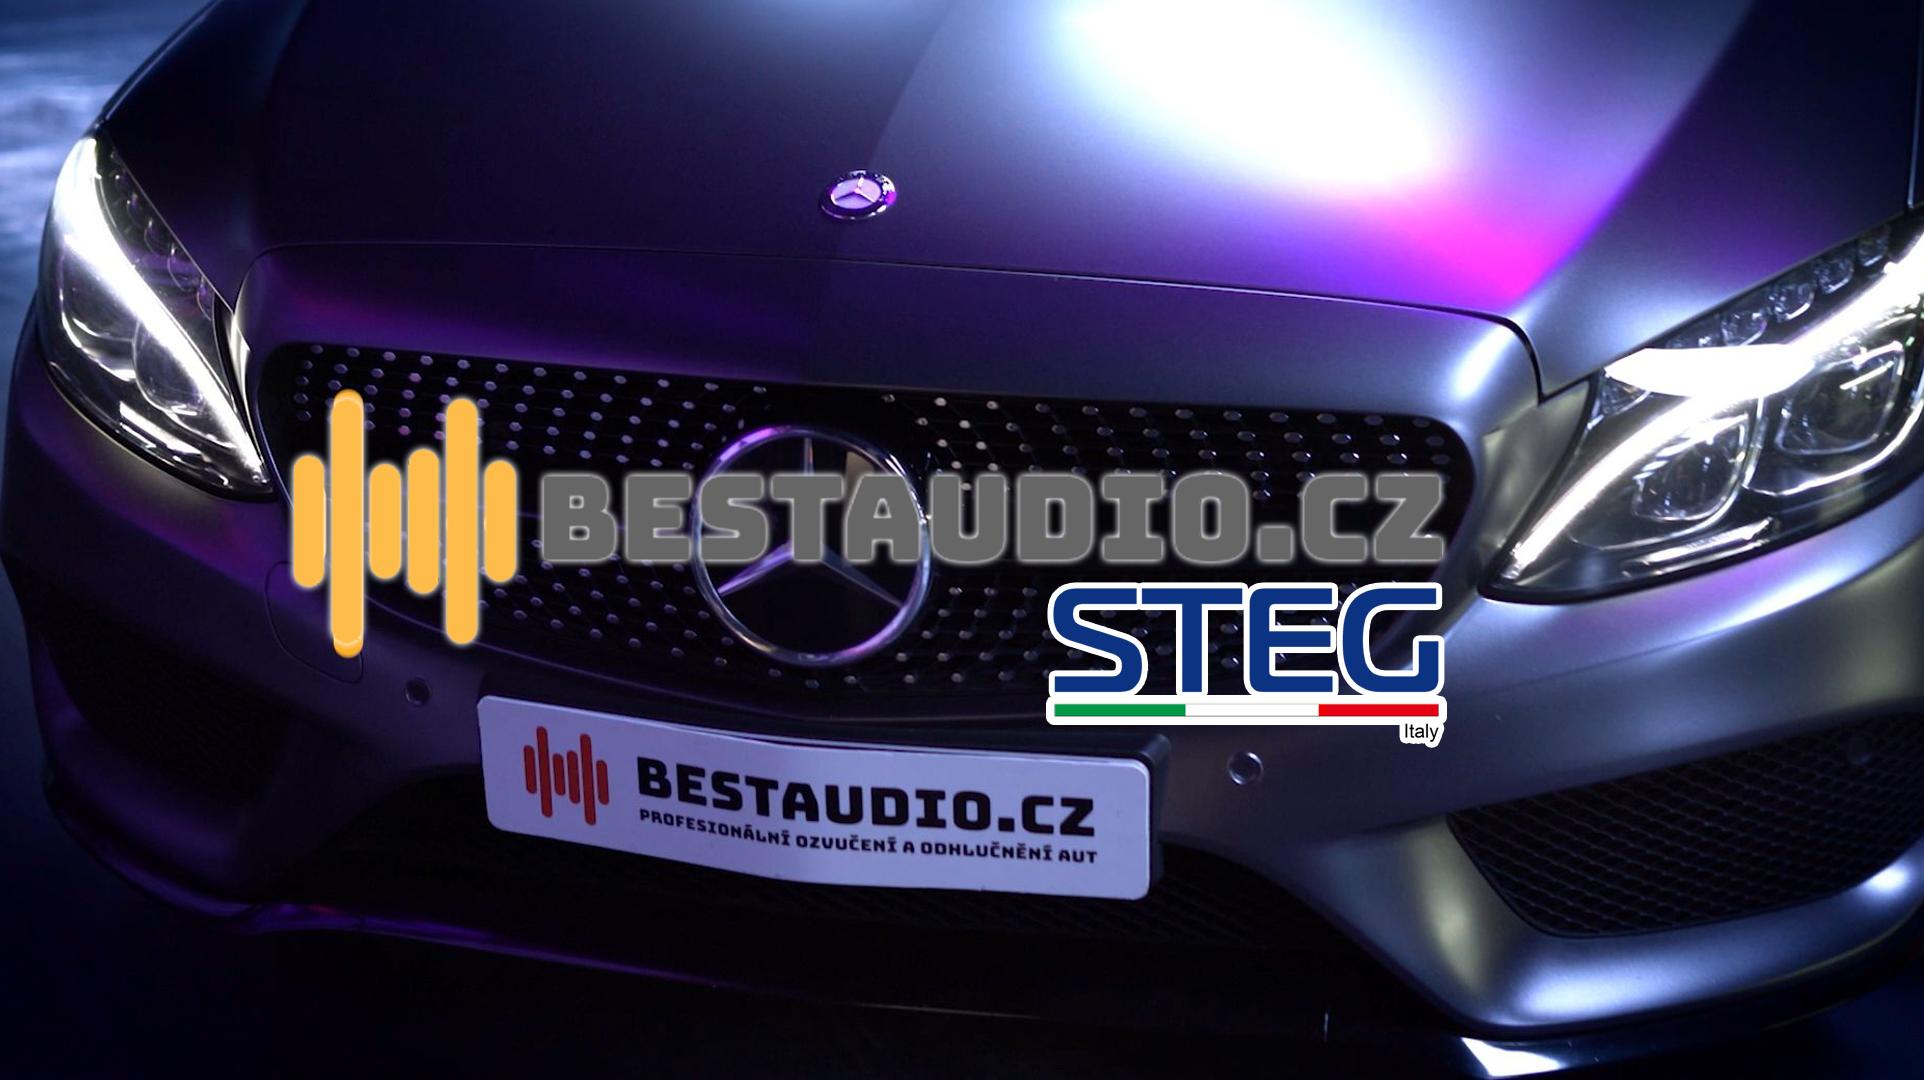 Youtube video - Mercedes -STEG